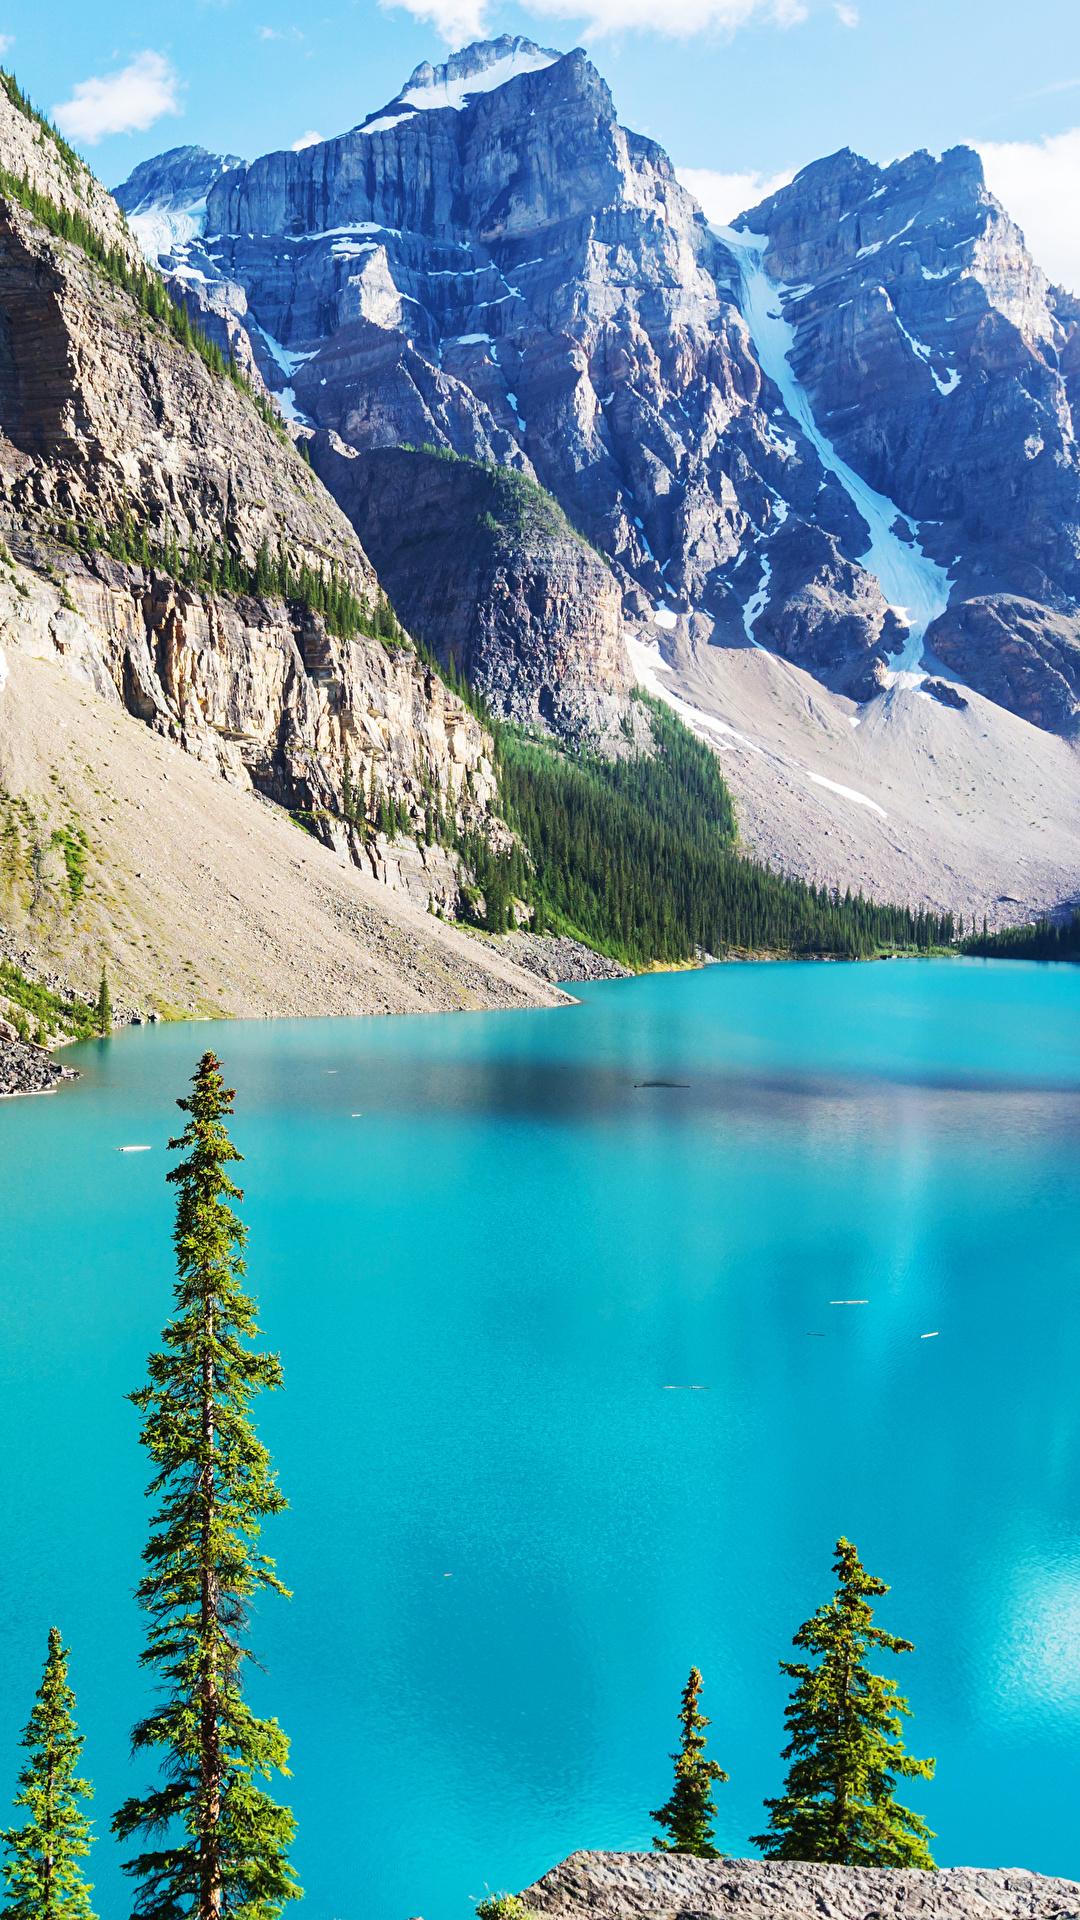 Fonds d'ecran 1080x1920 Photographie de paysage Lac Montagnes Canada Parc Moraine Banff Nature ...